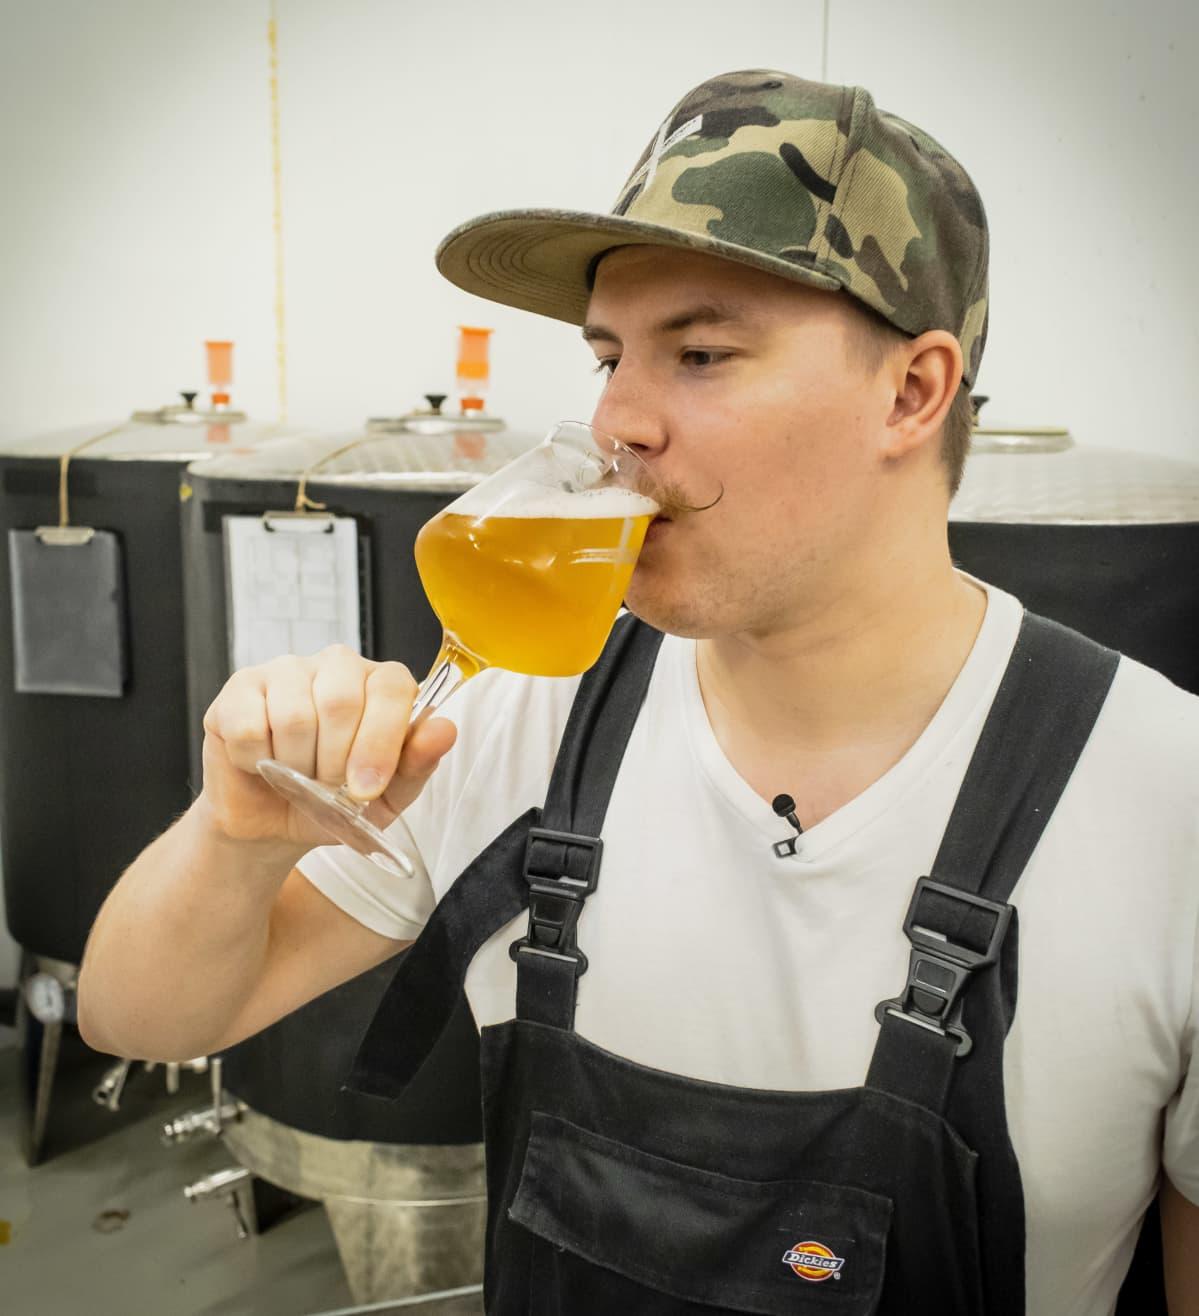 Panimoyhtiö X:n toimitusjohtaja Lauri Marttinen maistaa olutta.